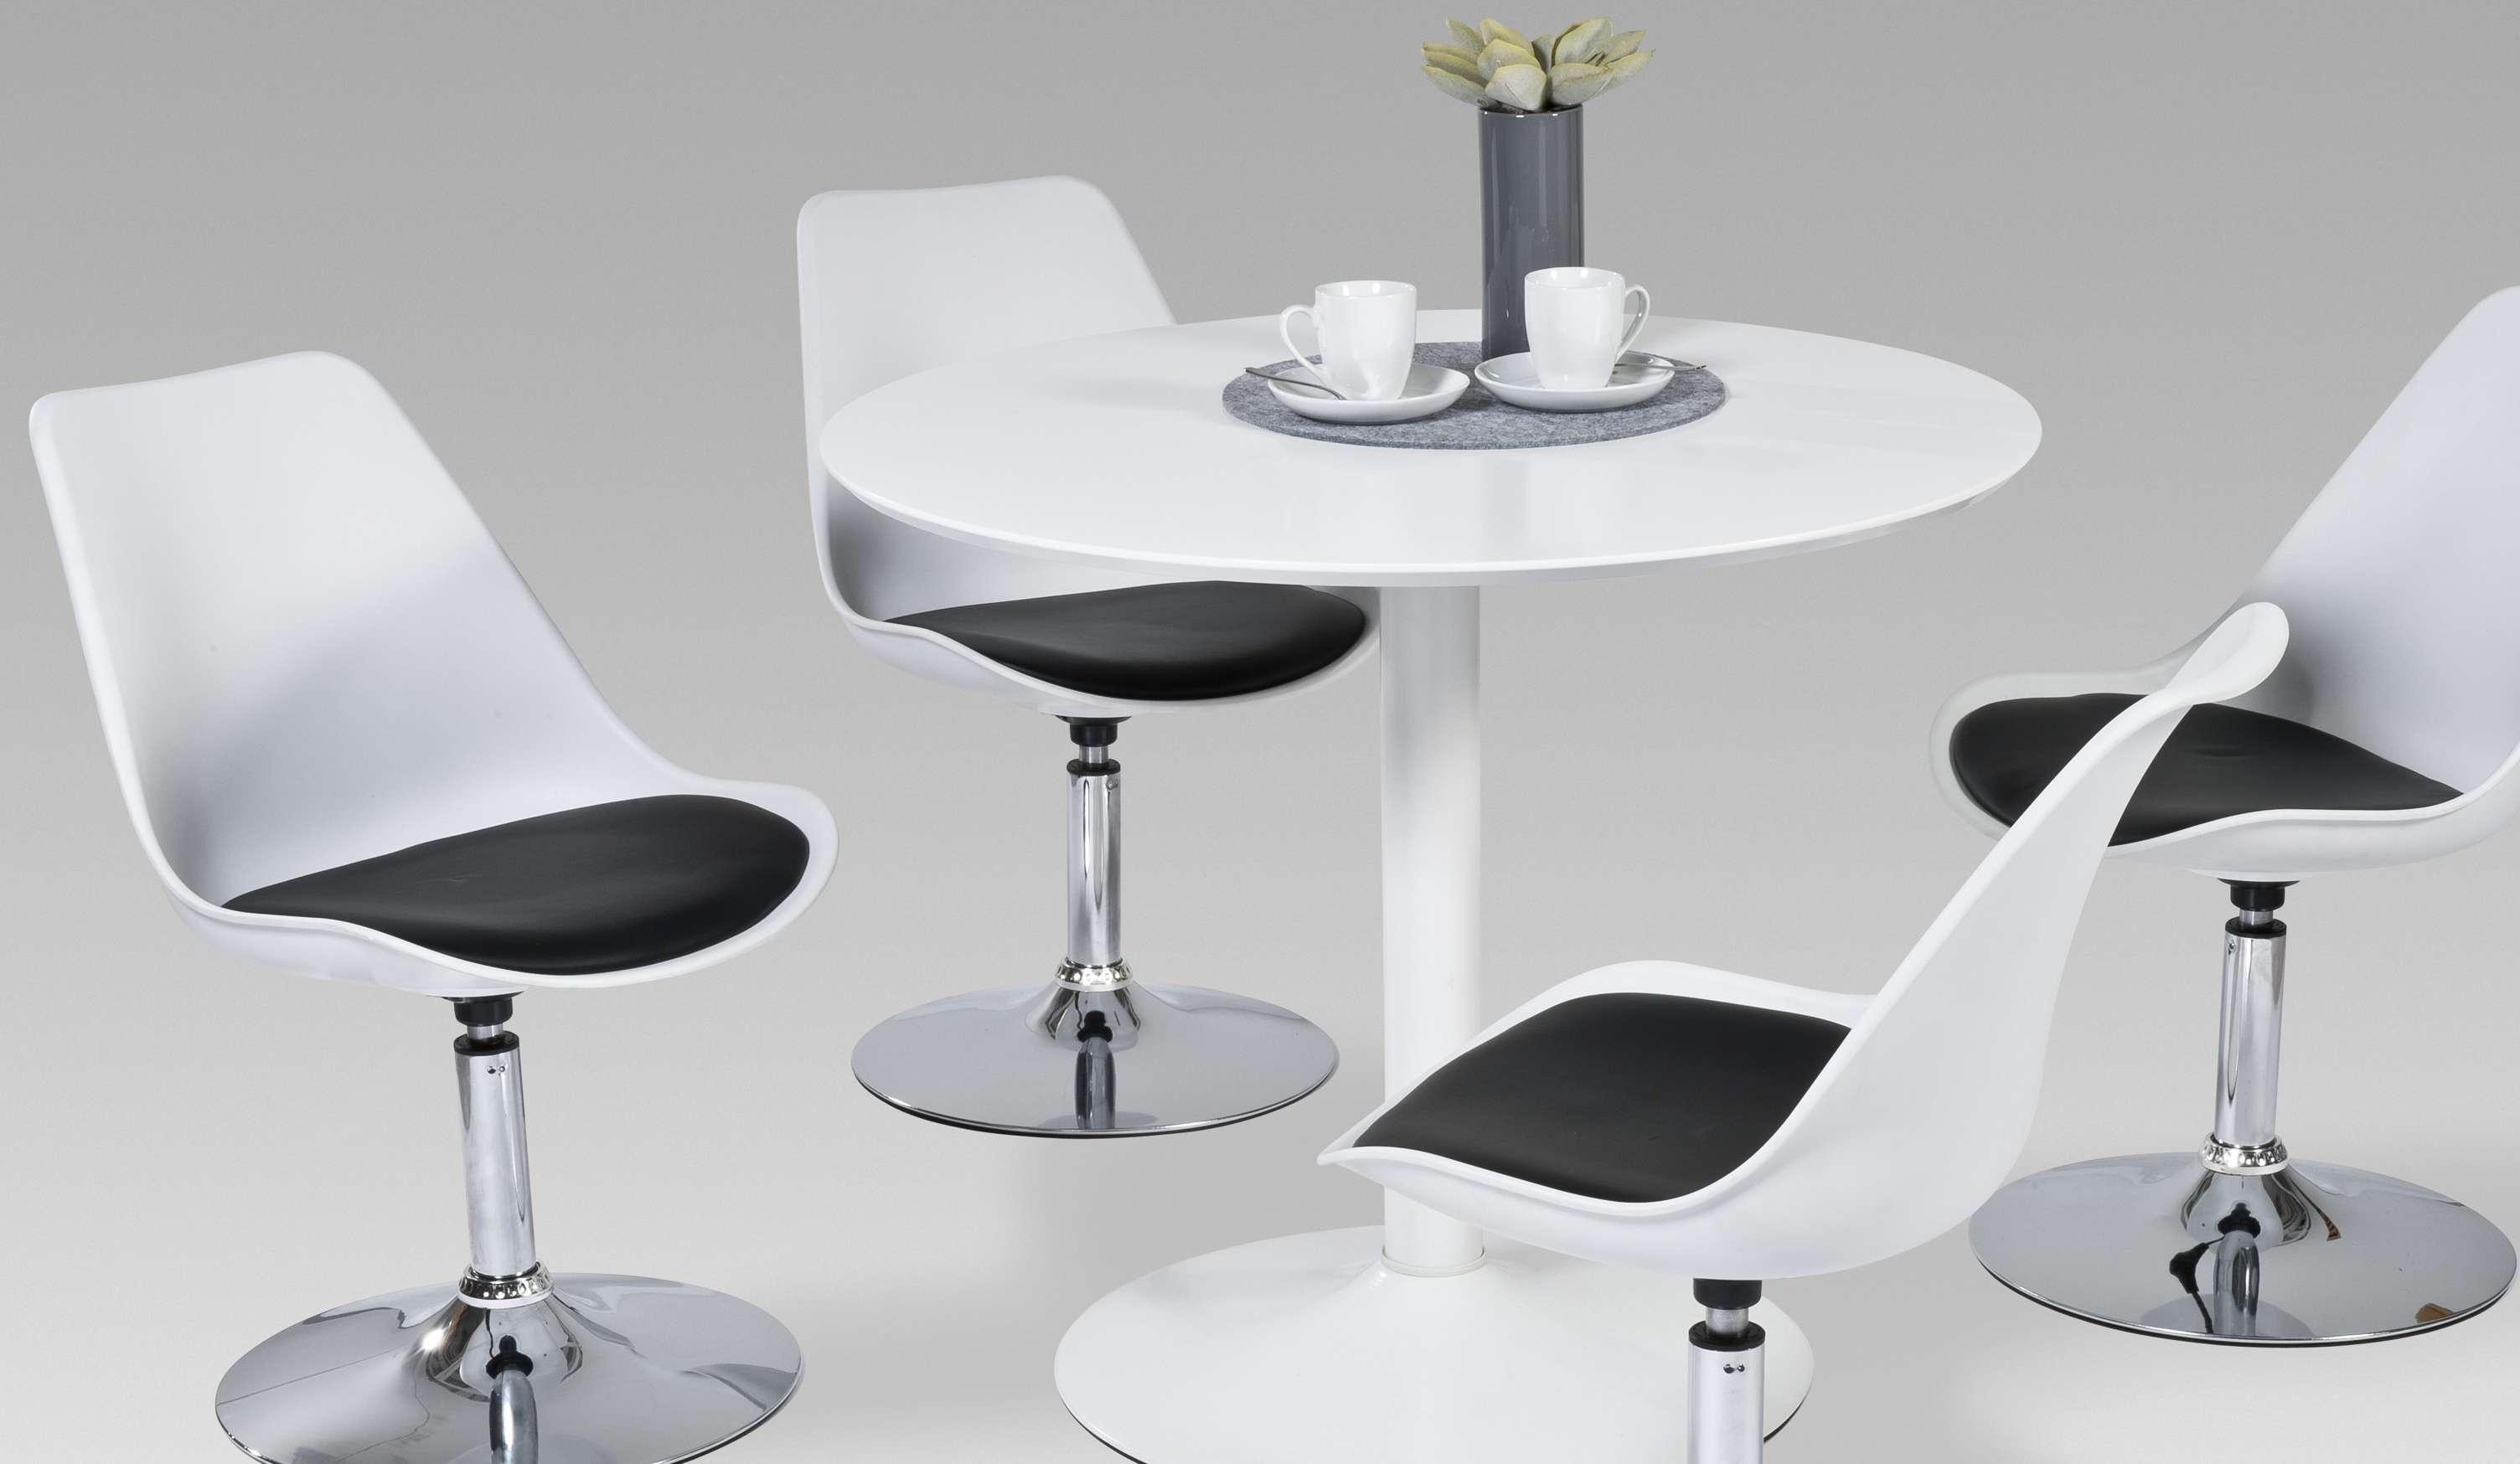 esstisch esszimmertisch k chentisch tisch hochglanz weiss wei rund modern. Black Bedroom Furniture Sets. Home Design Ideas